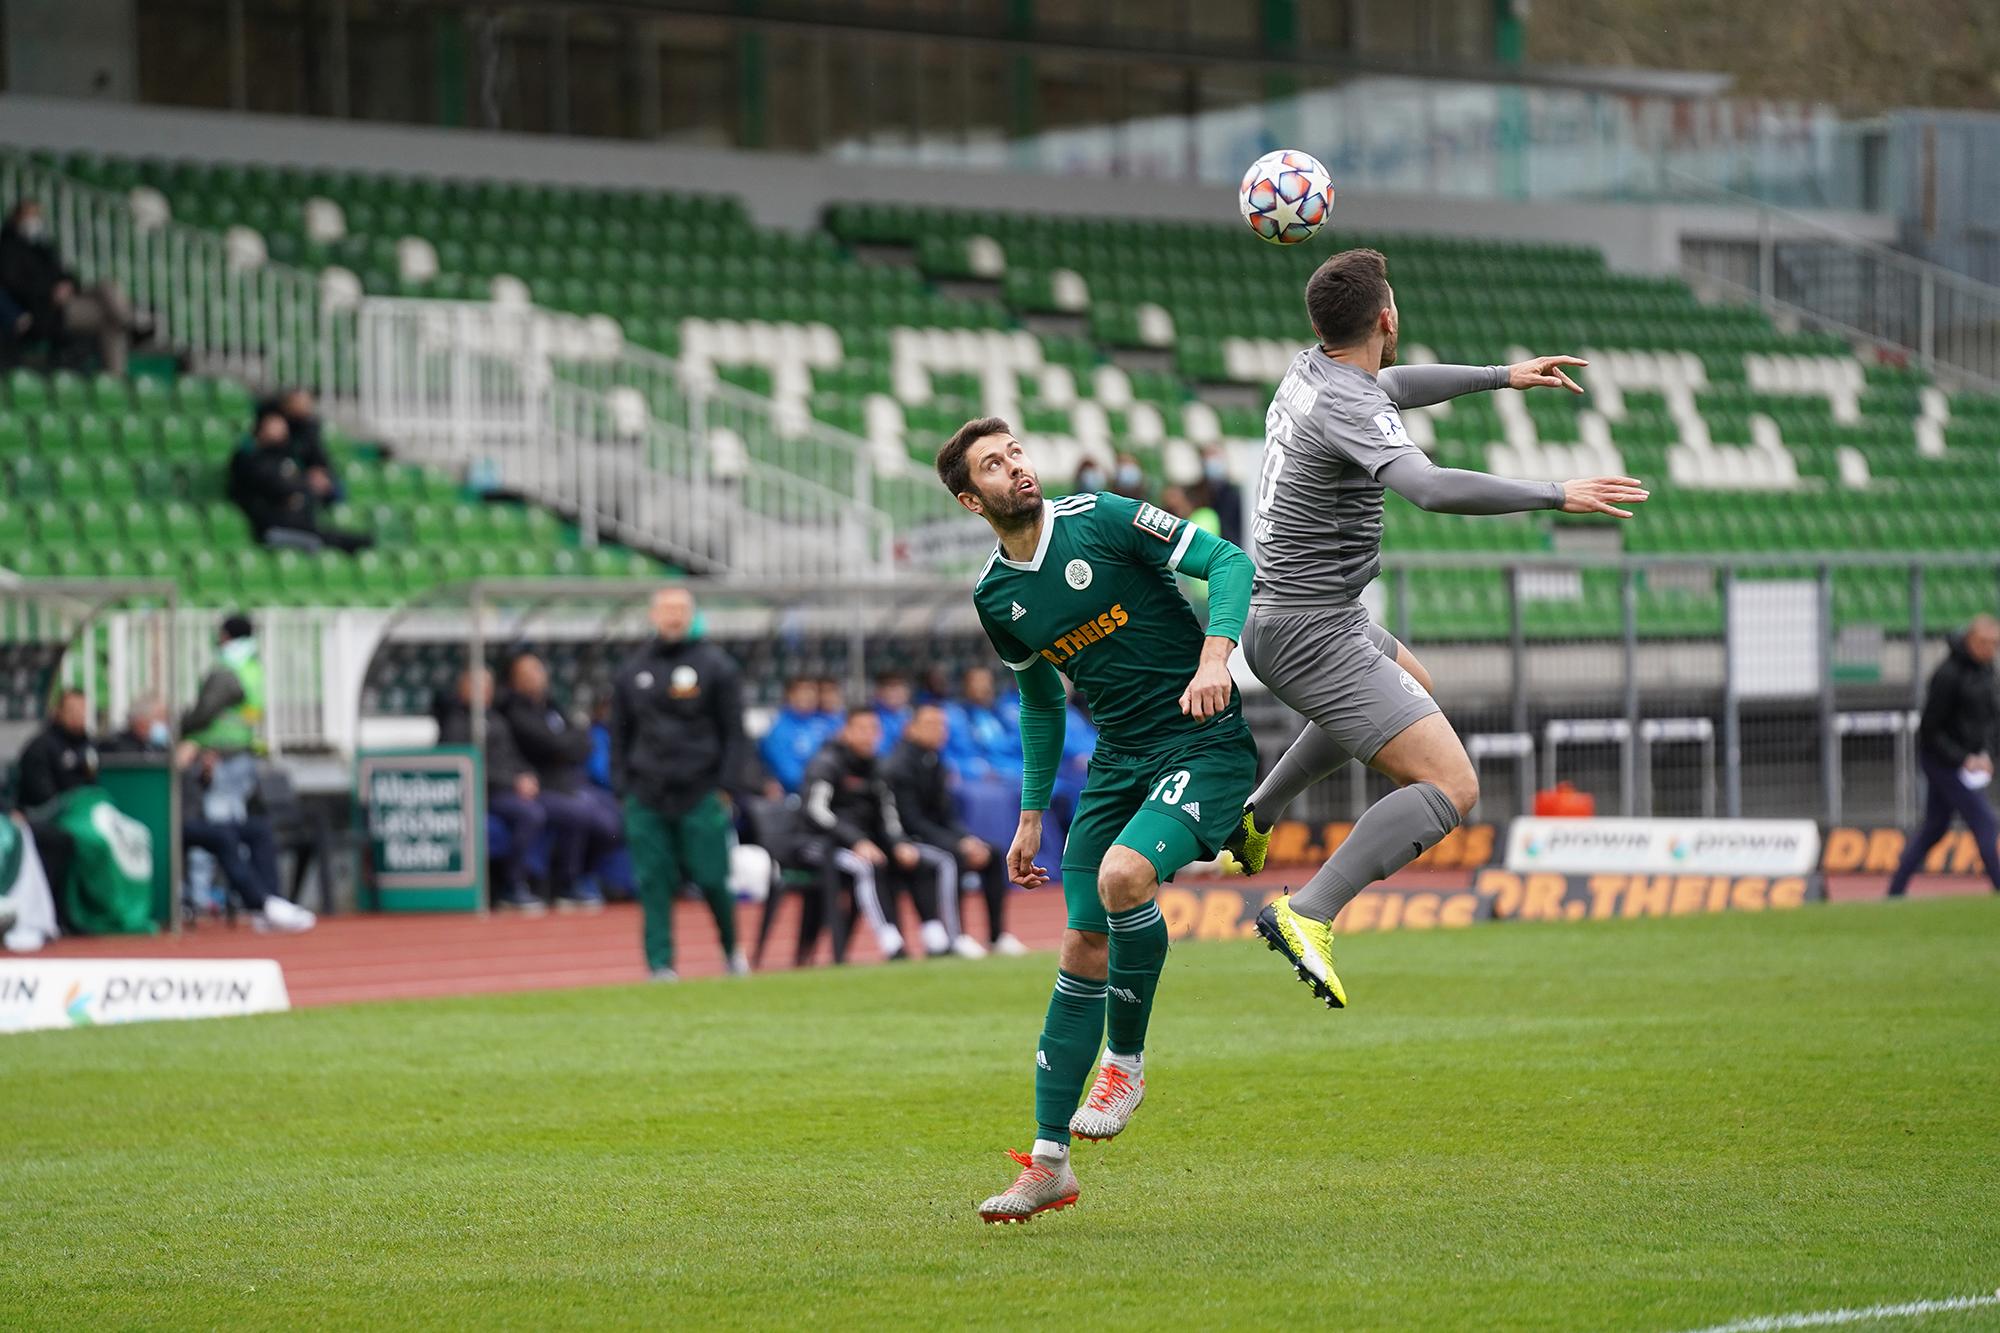 10.04.2021   Saison 2020/21   FC 08 Homburg   FC-Astoria Walldorf